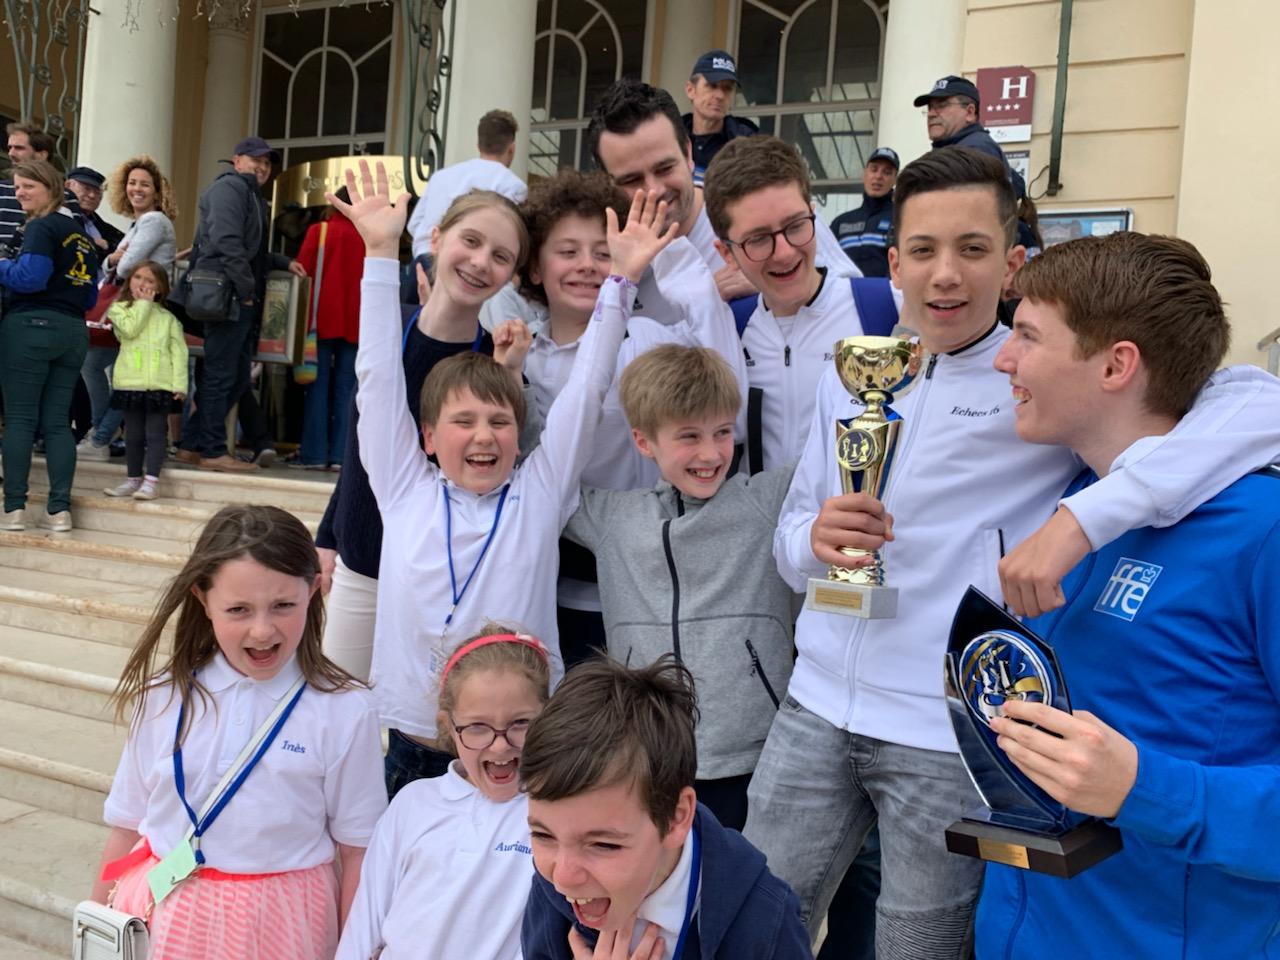 Championnat de France jeunes : un podium et beaucoup de joie !